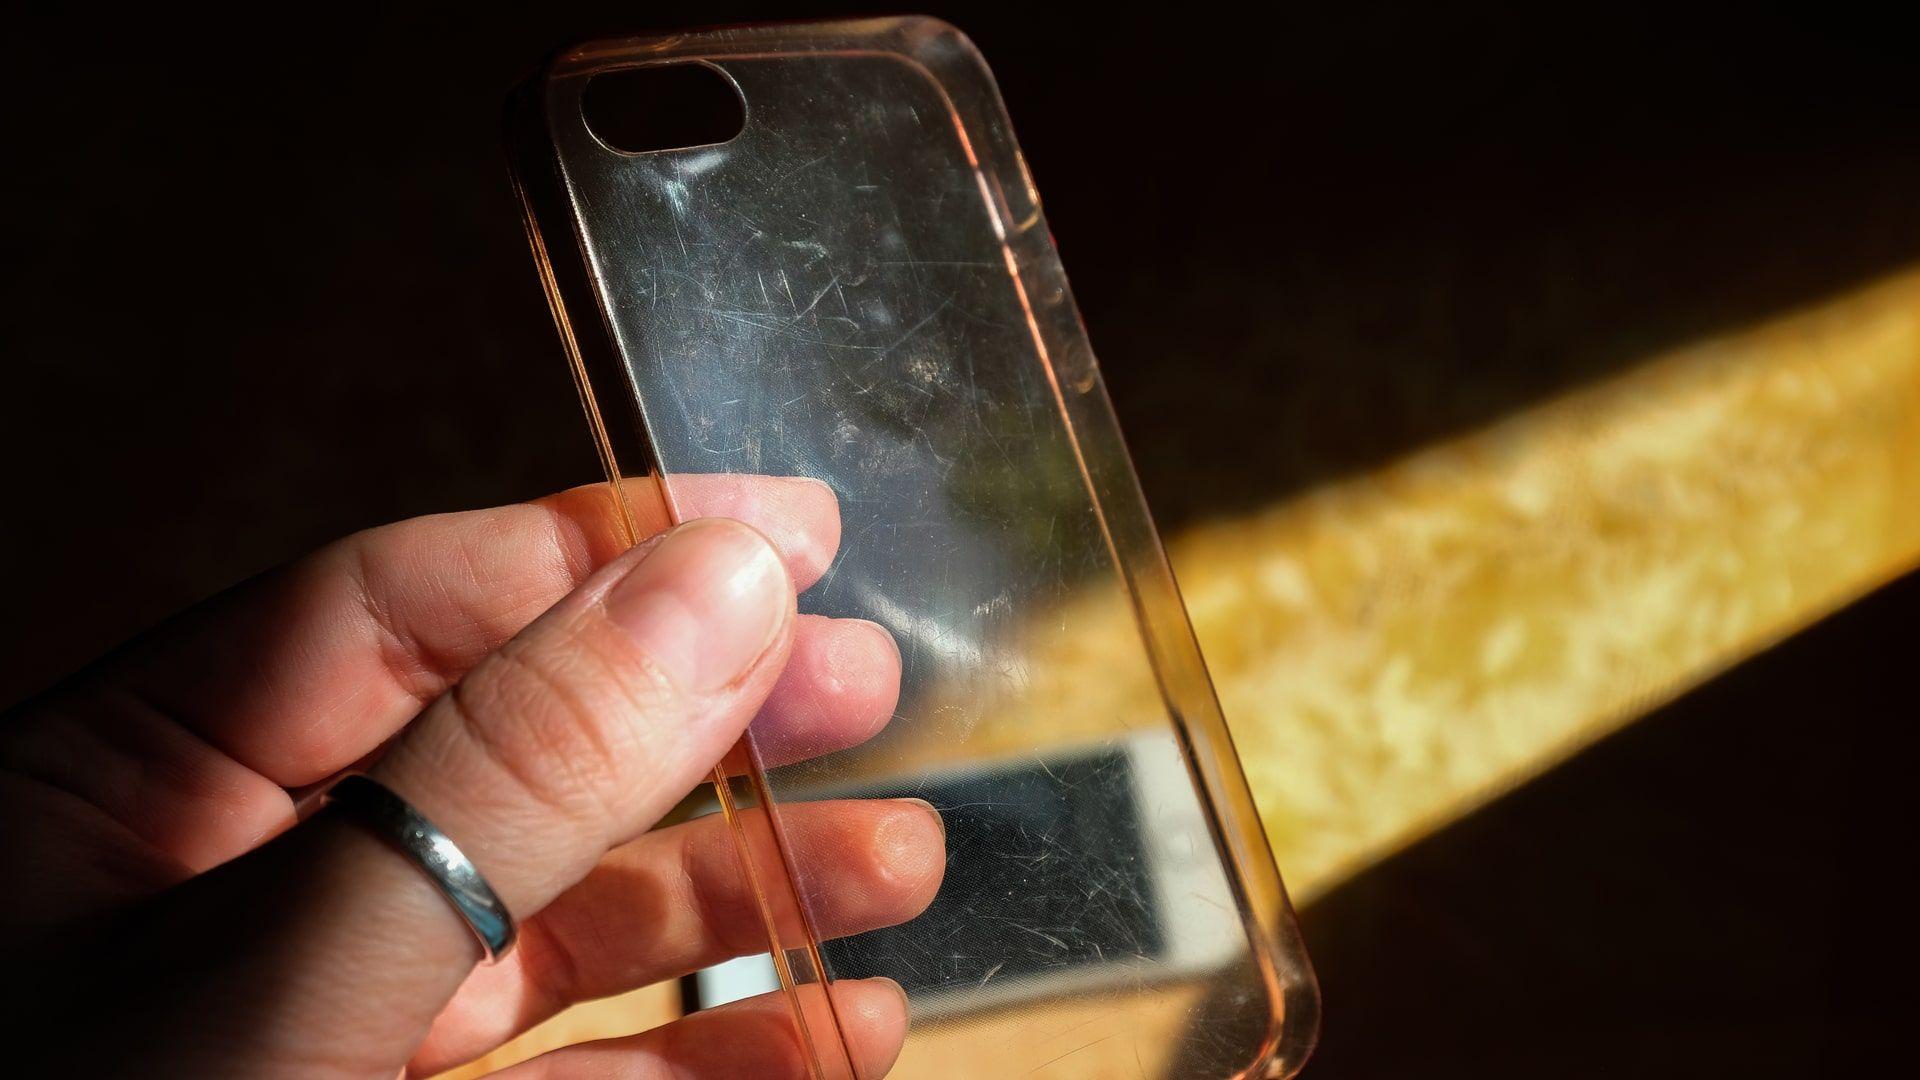 Capinhas de celular costumam ficar amareladas com o tempo (Foto: Shutterstock)